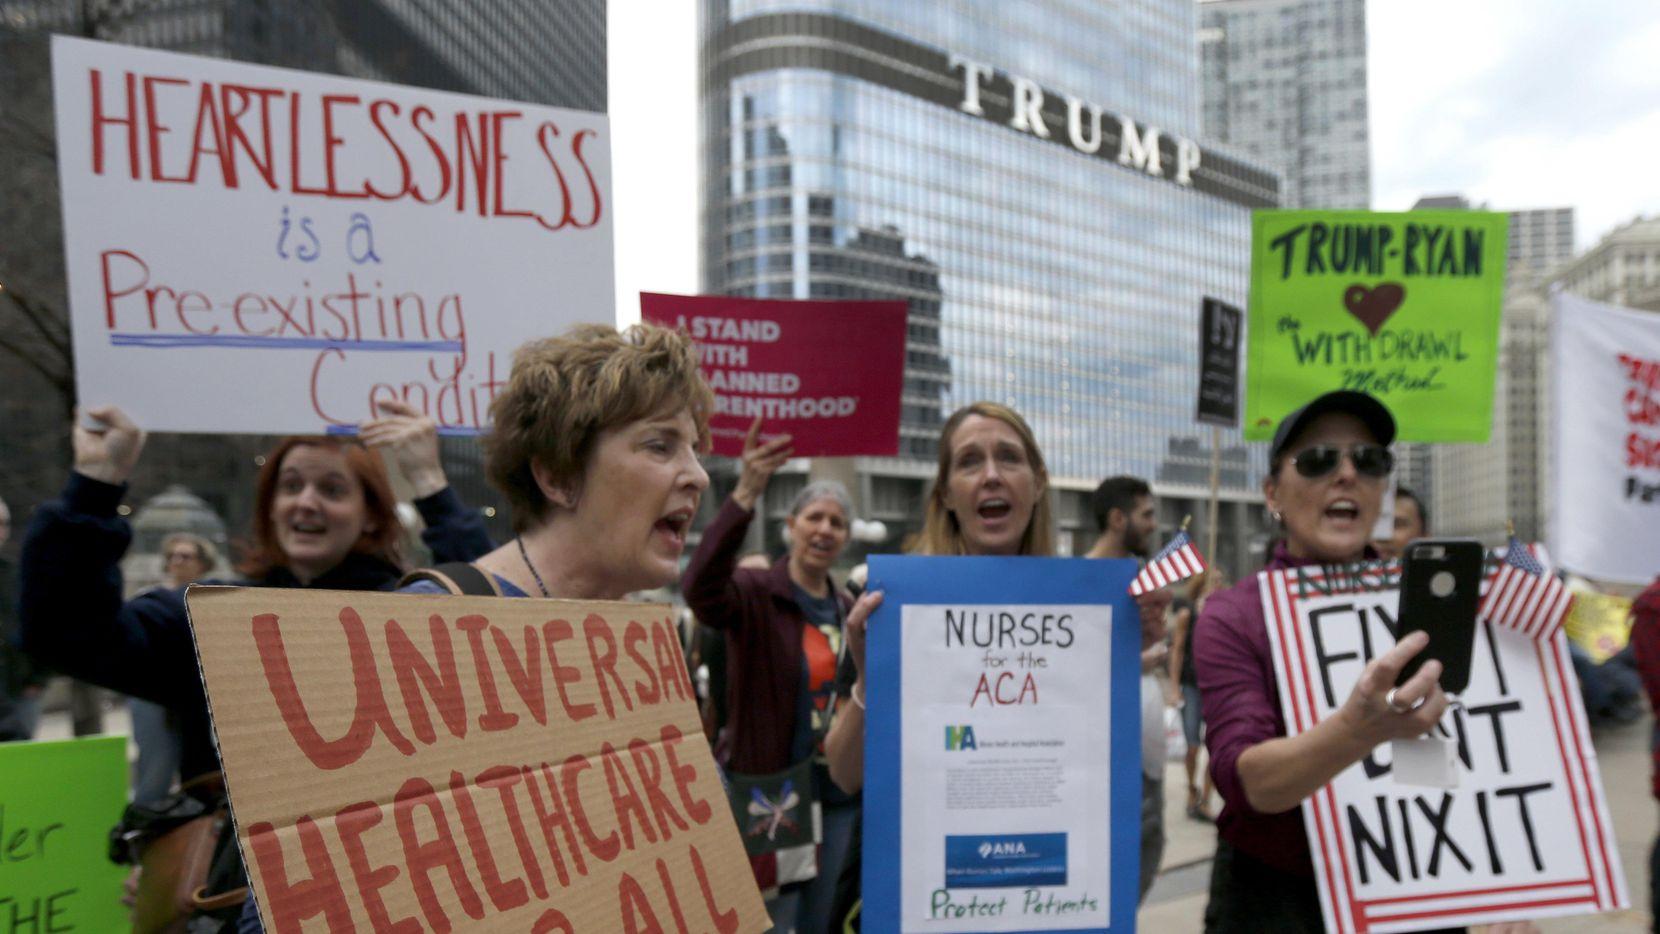 Manifestantes protestan frente a un edifico con el nombre de Donald Trump en Chicago ante la posibilidad de eliminar el plan de salud referido como Obamacare.(AP)